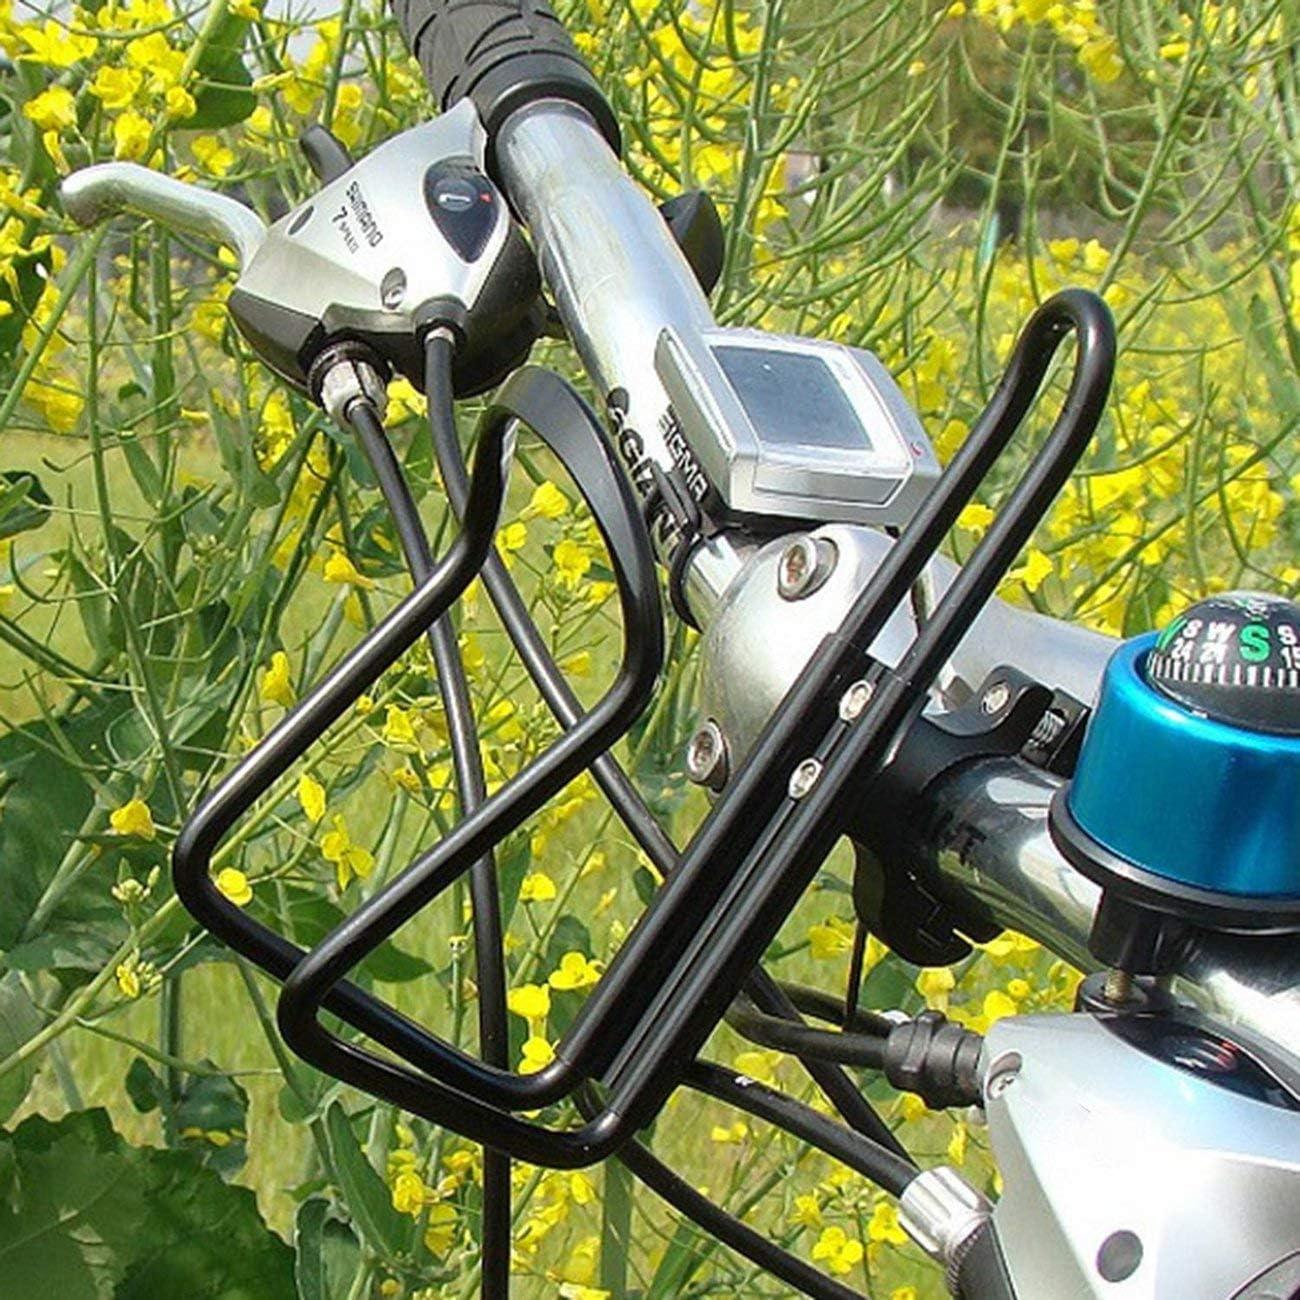 Soporte de Botella de Agua de aleaci/ón de Aluminio para Bicicleta de monta/ña Estante para Botella de Bicicleta Copa de Ciclismo Barra montada en Botella Botellas con Estante Negro